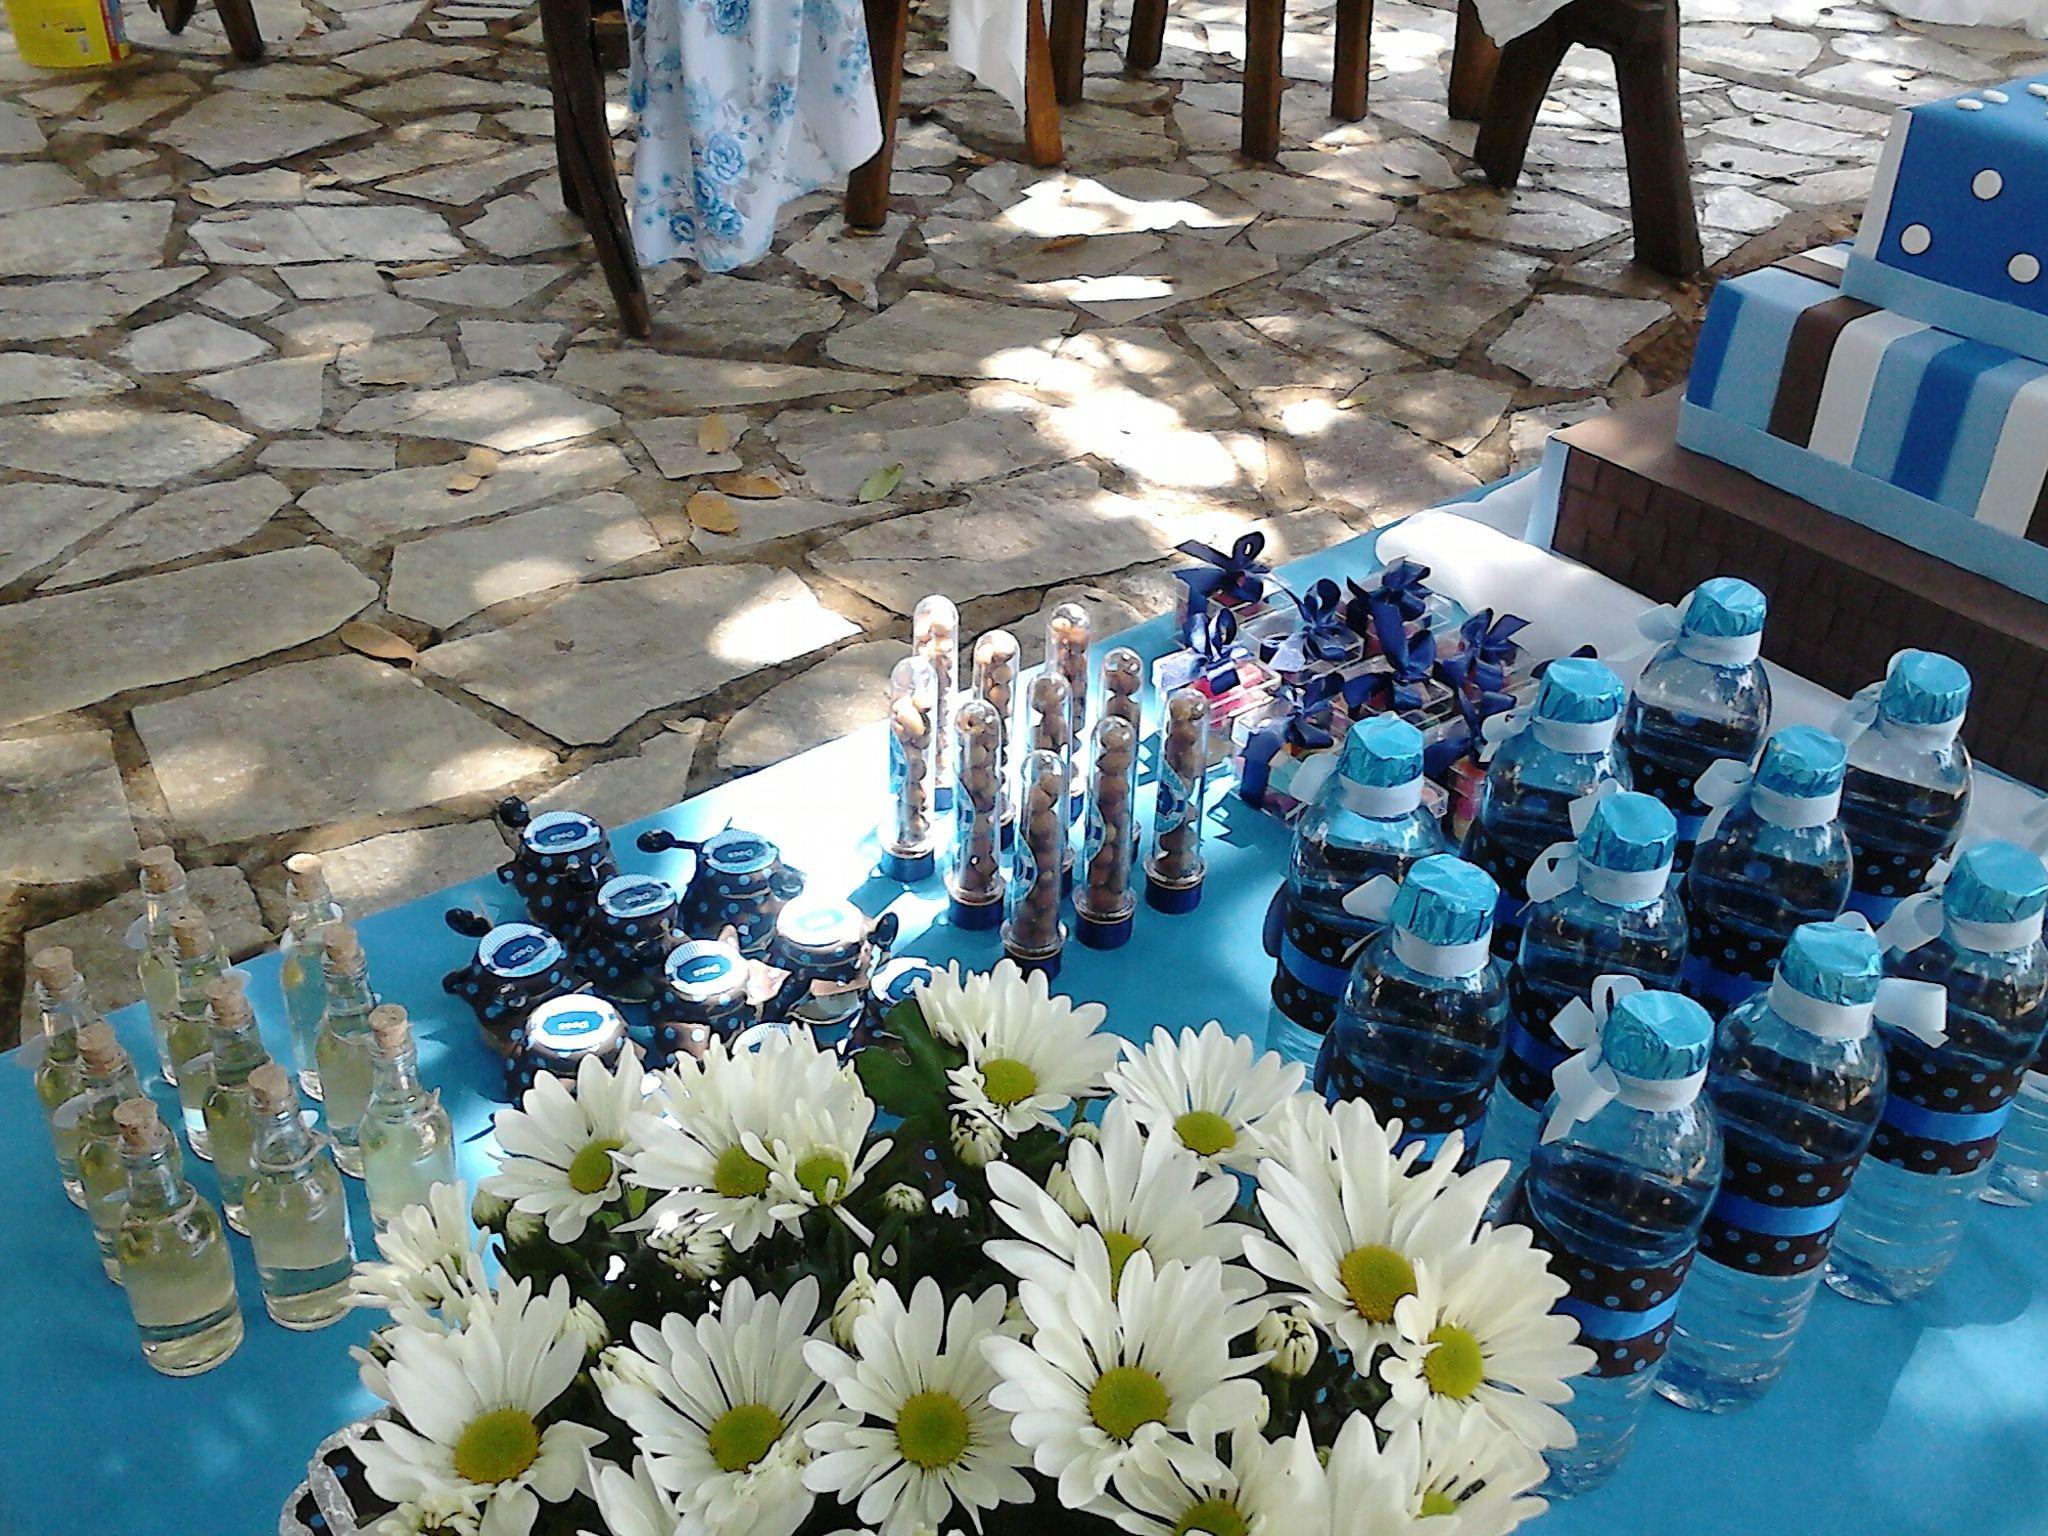 água personalizada, tubo de ensaio, potinhos, caixa de acrílico.  cintiasiqueirah@gmail.com